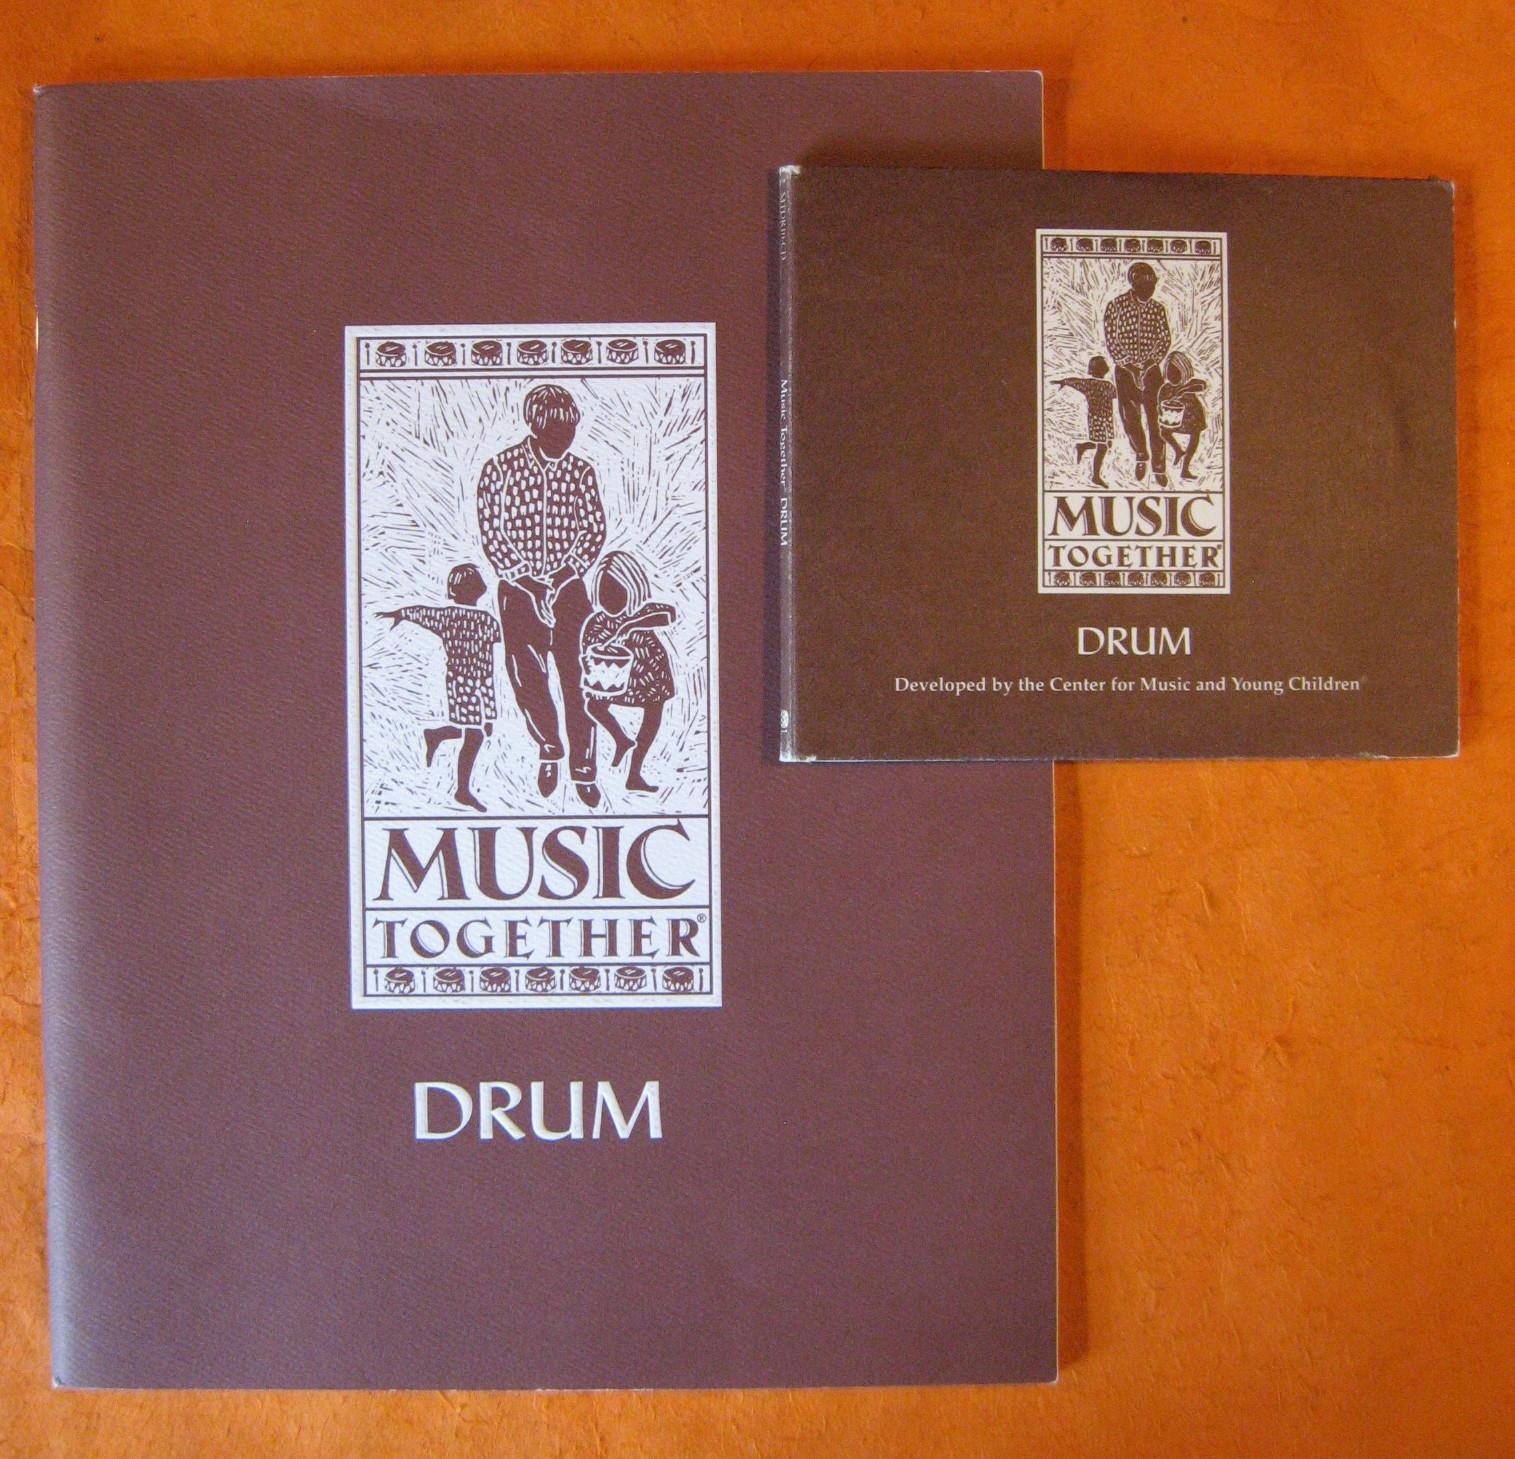 Music Together; Drum Book & CD Set, Guilmartin, Kenneth K. ; Levinowitz, Lili M.